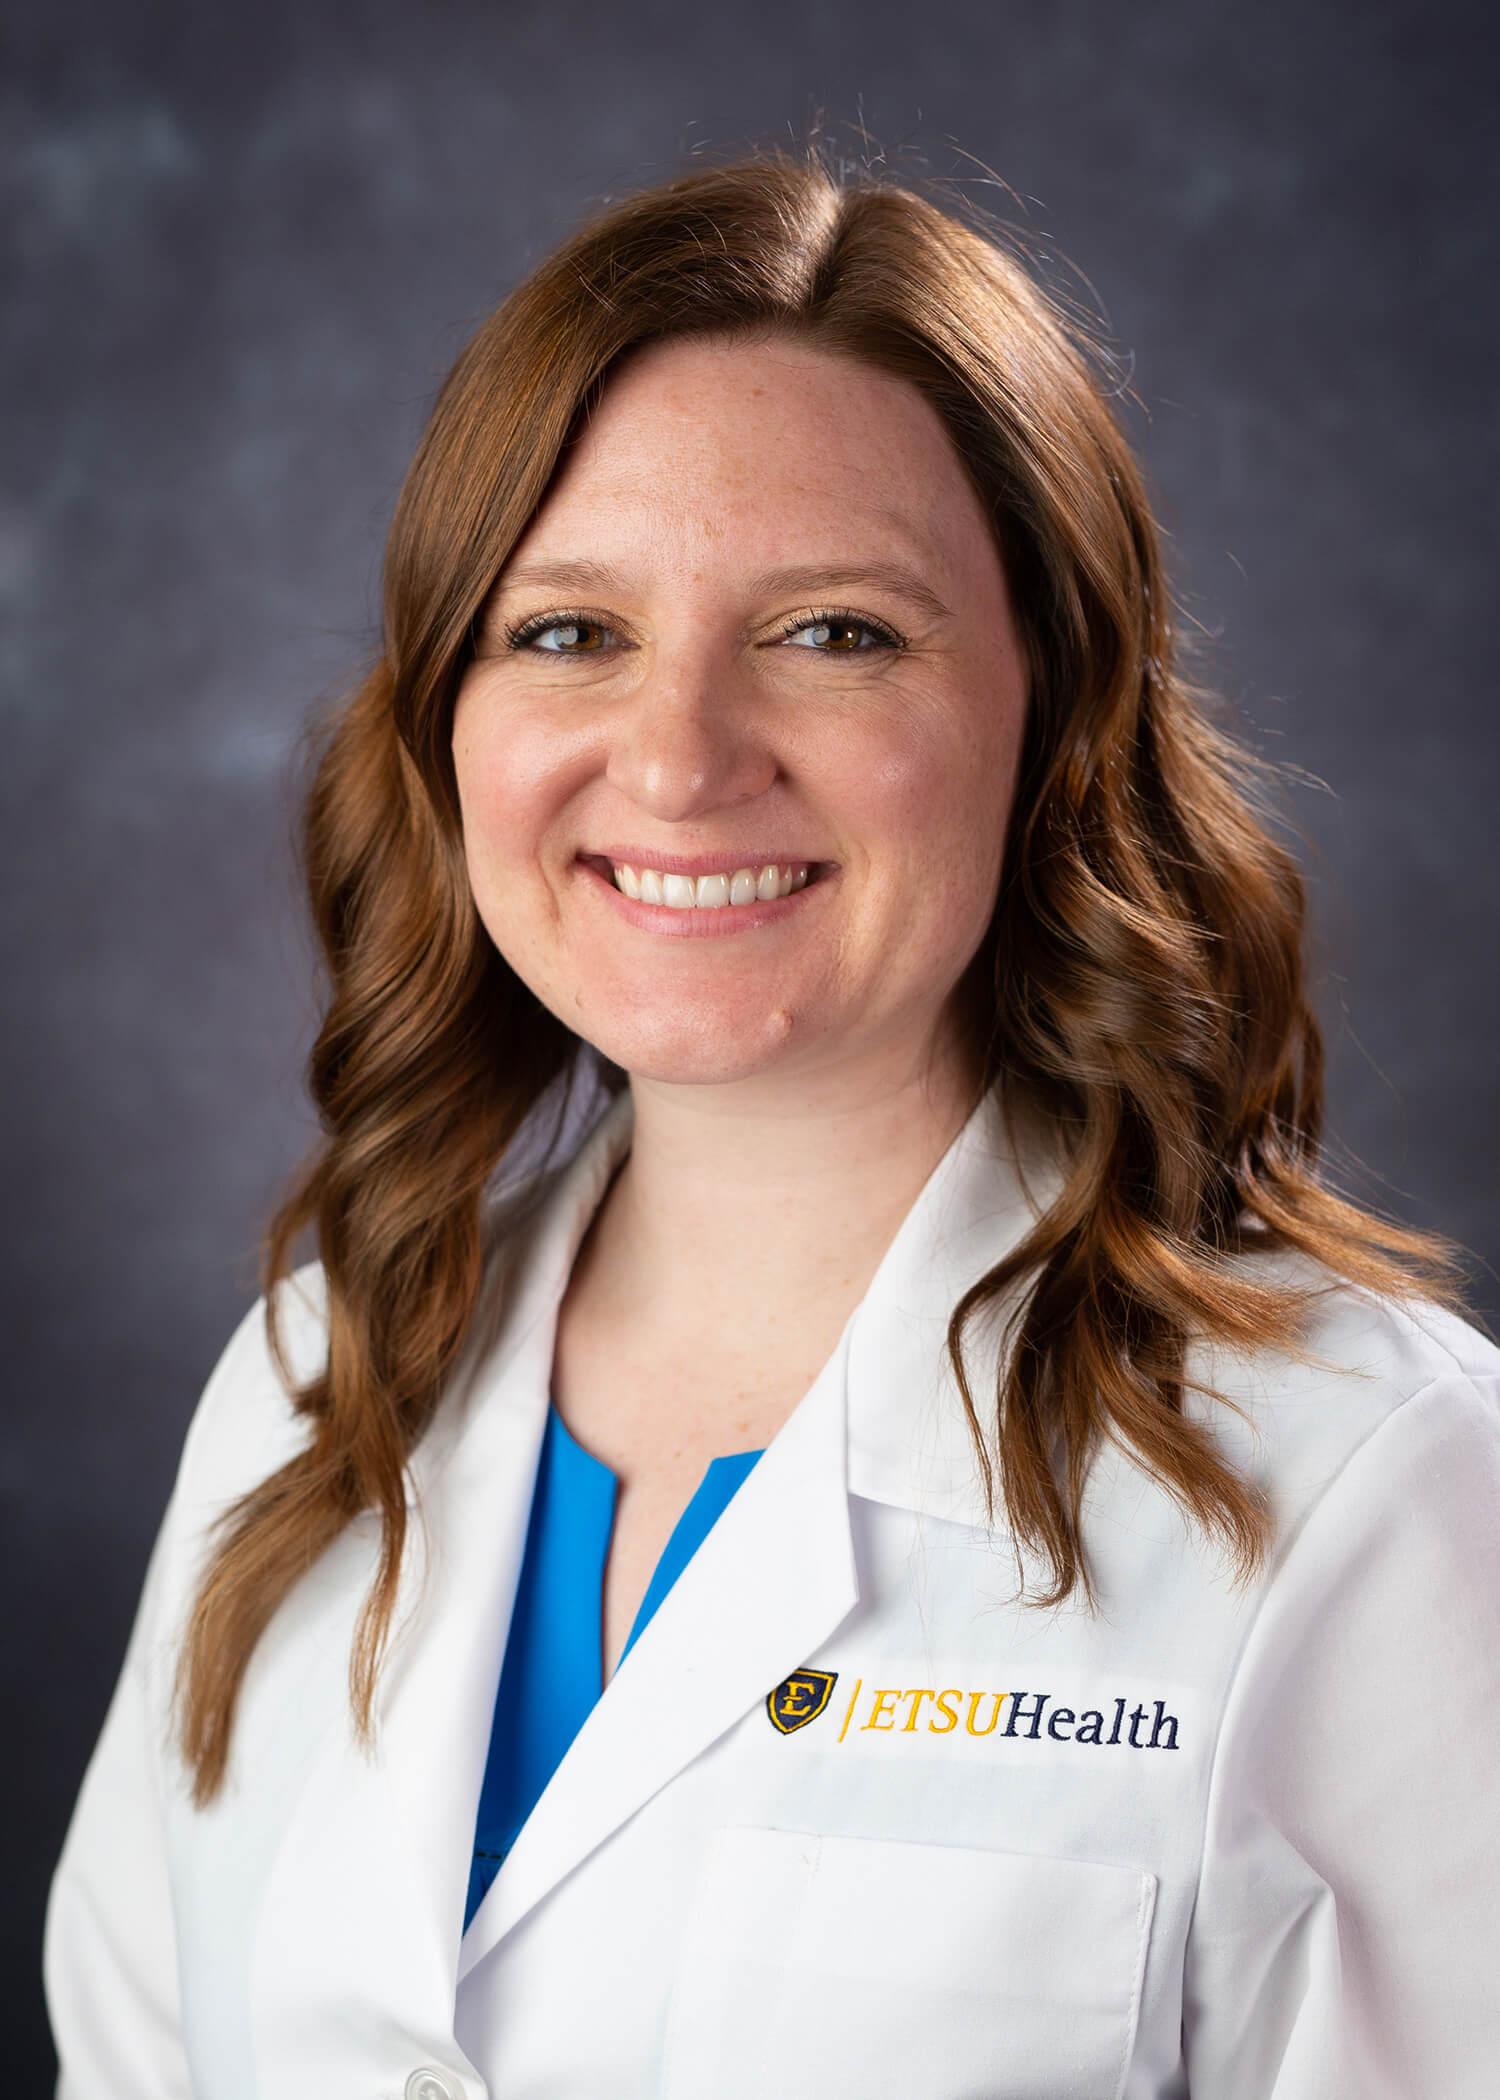 Photo of Lauren Swift, M.D.